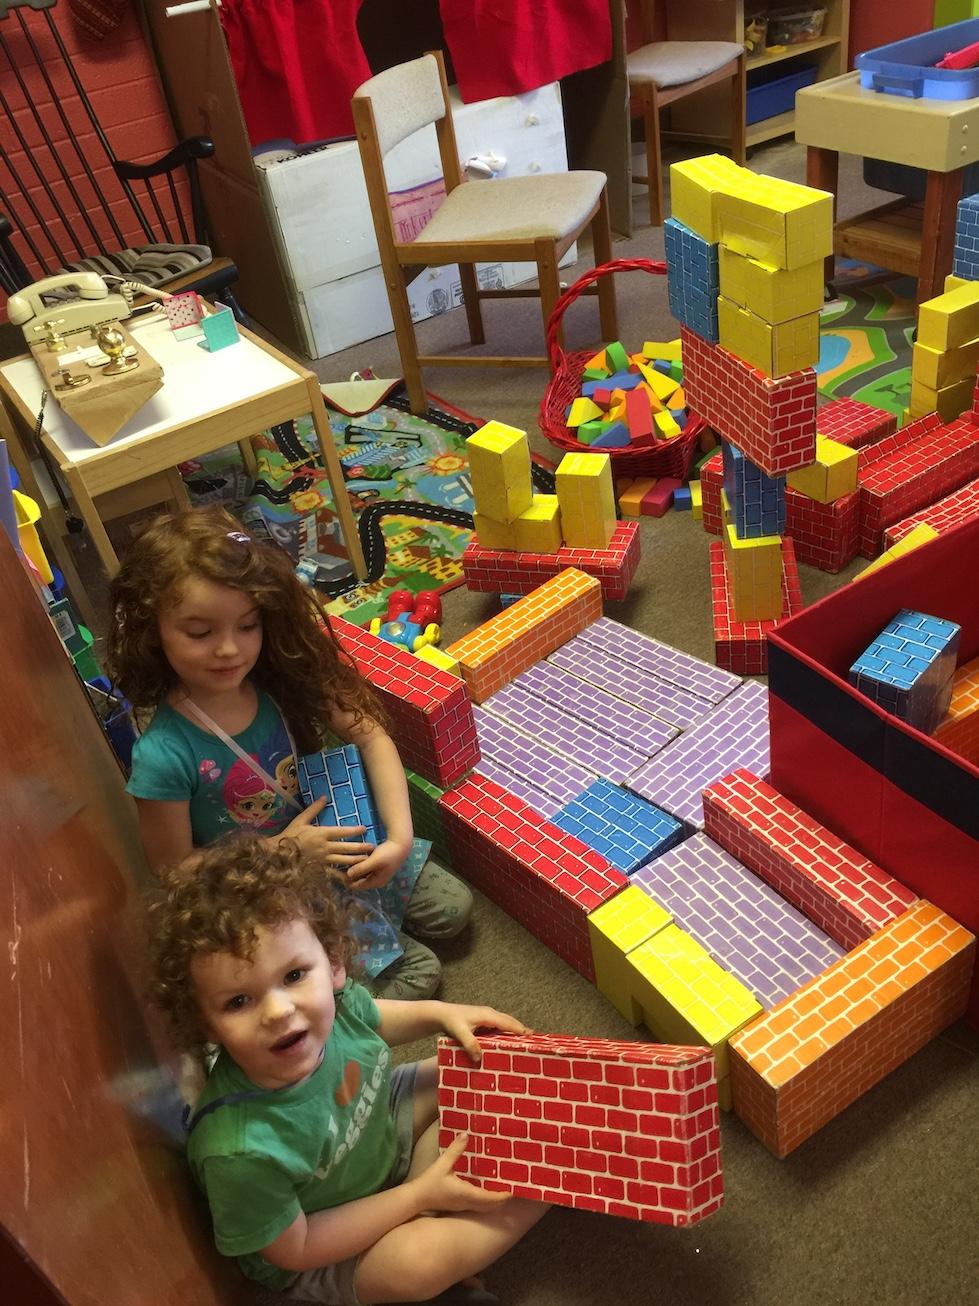 Tynkertopia Playroom